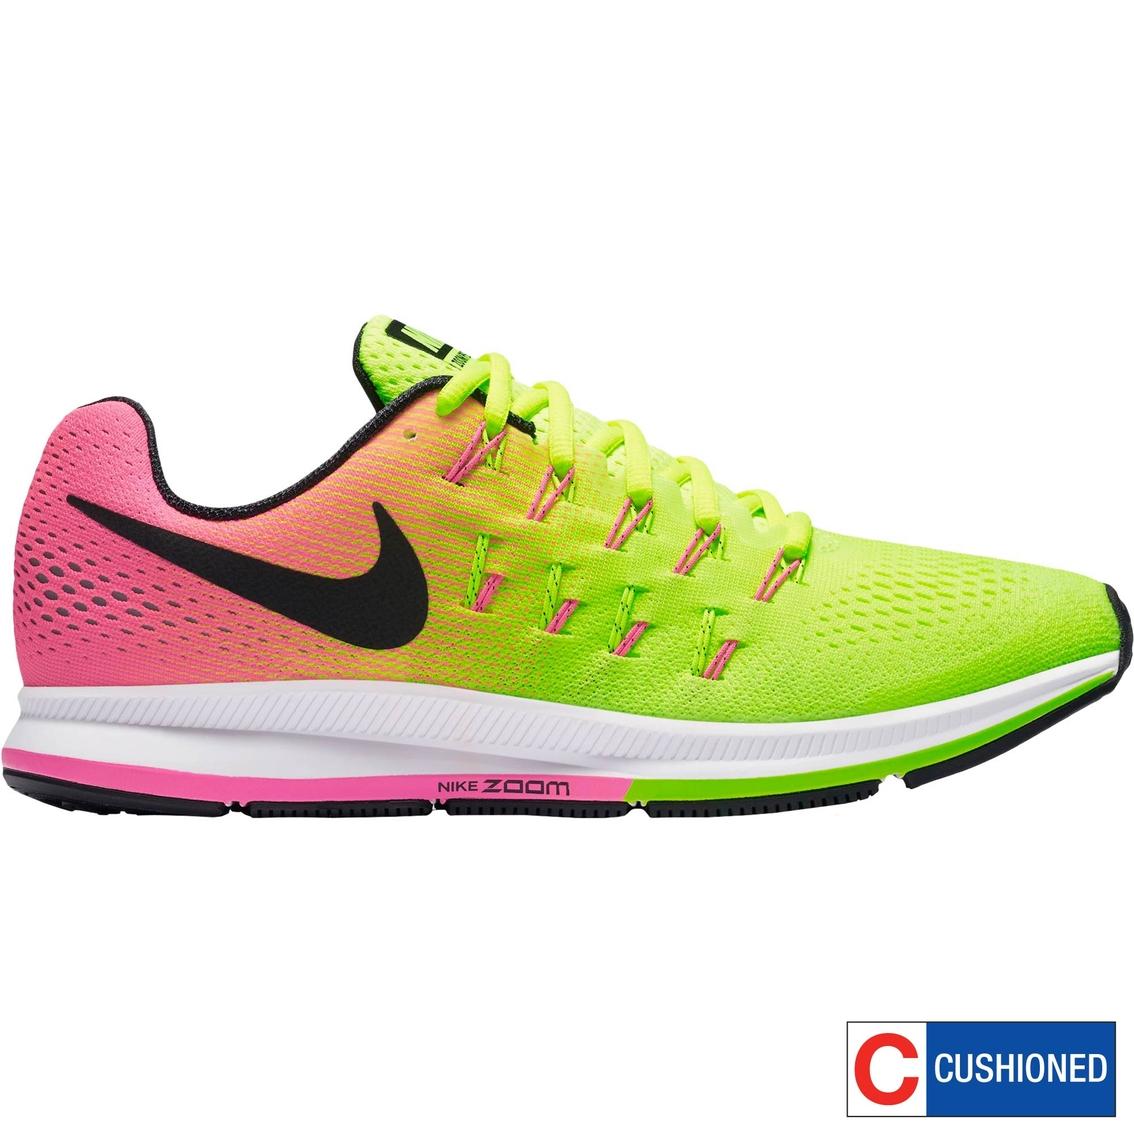 Shoes Men's Running Oc Air The Zoom Shop 33 Nike Exchange Pegasus y4wSOppq